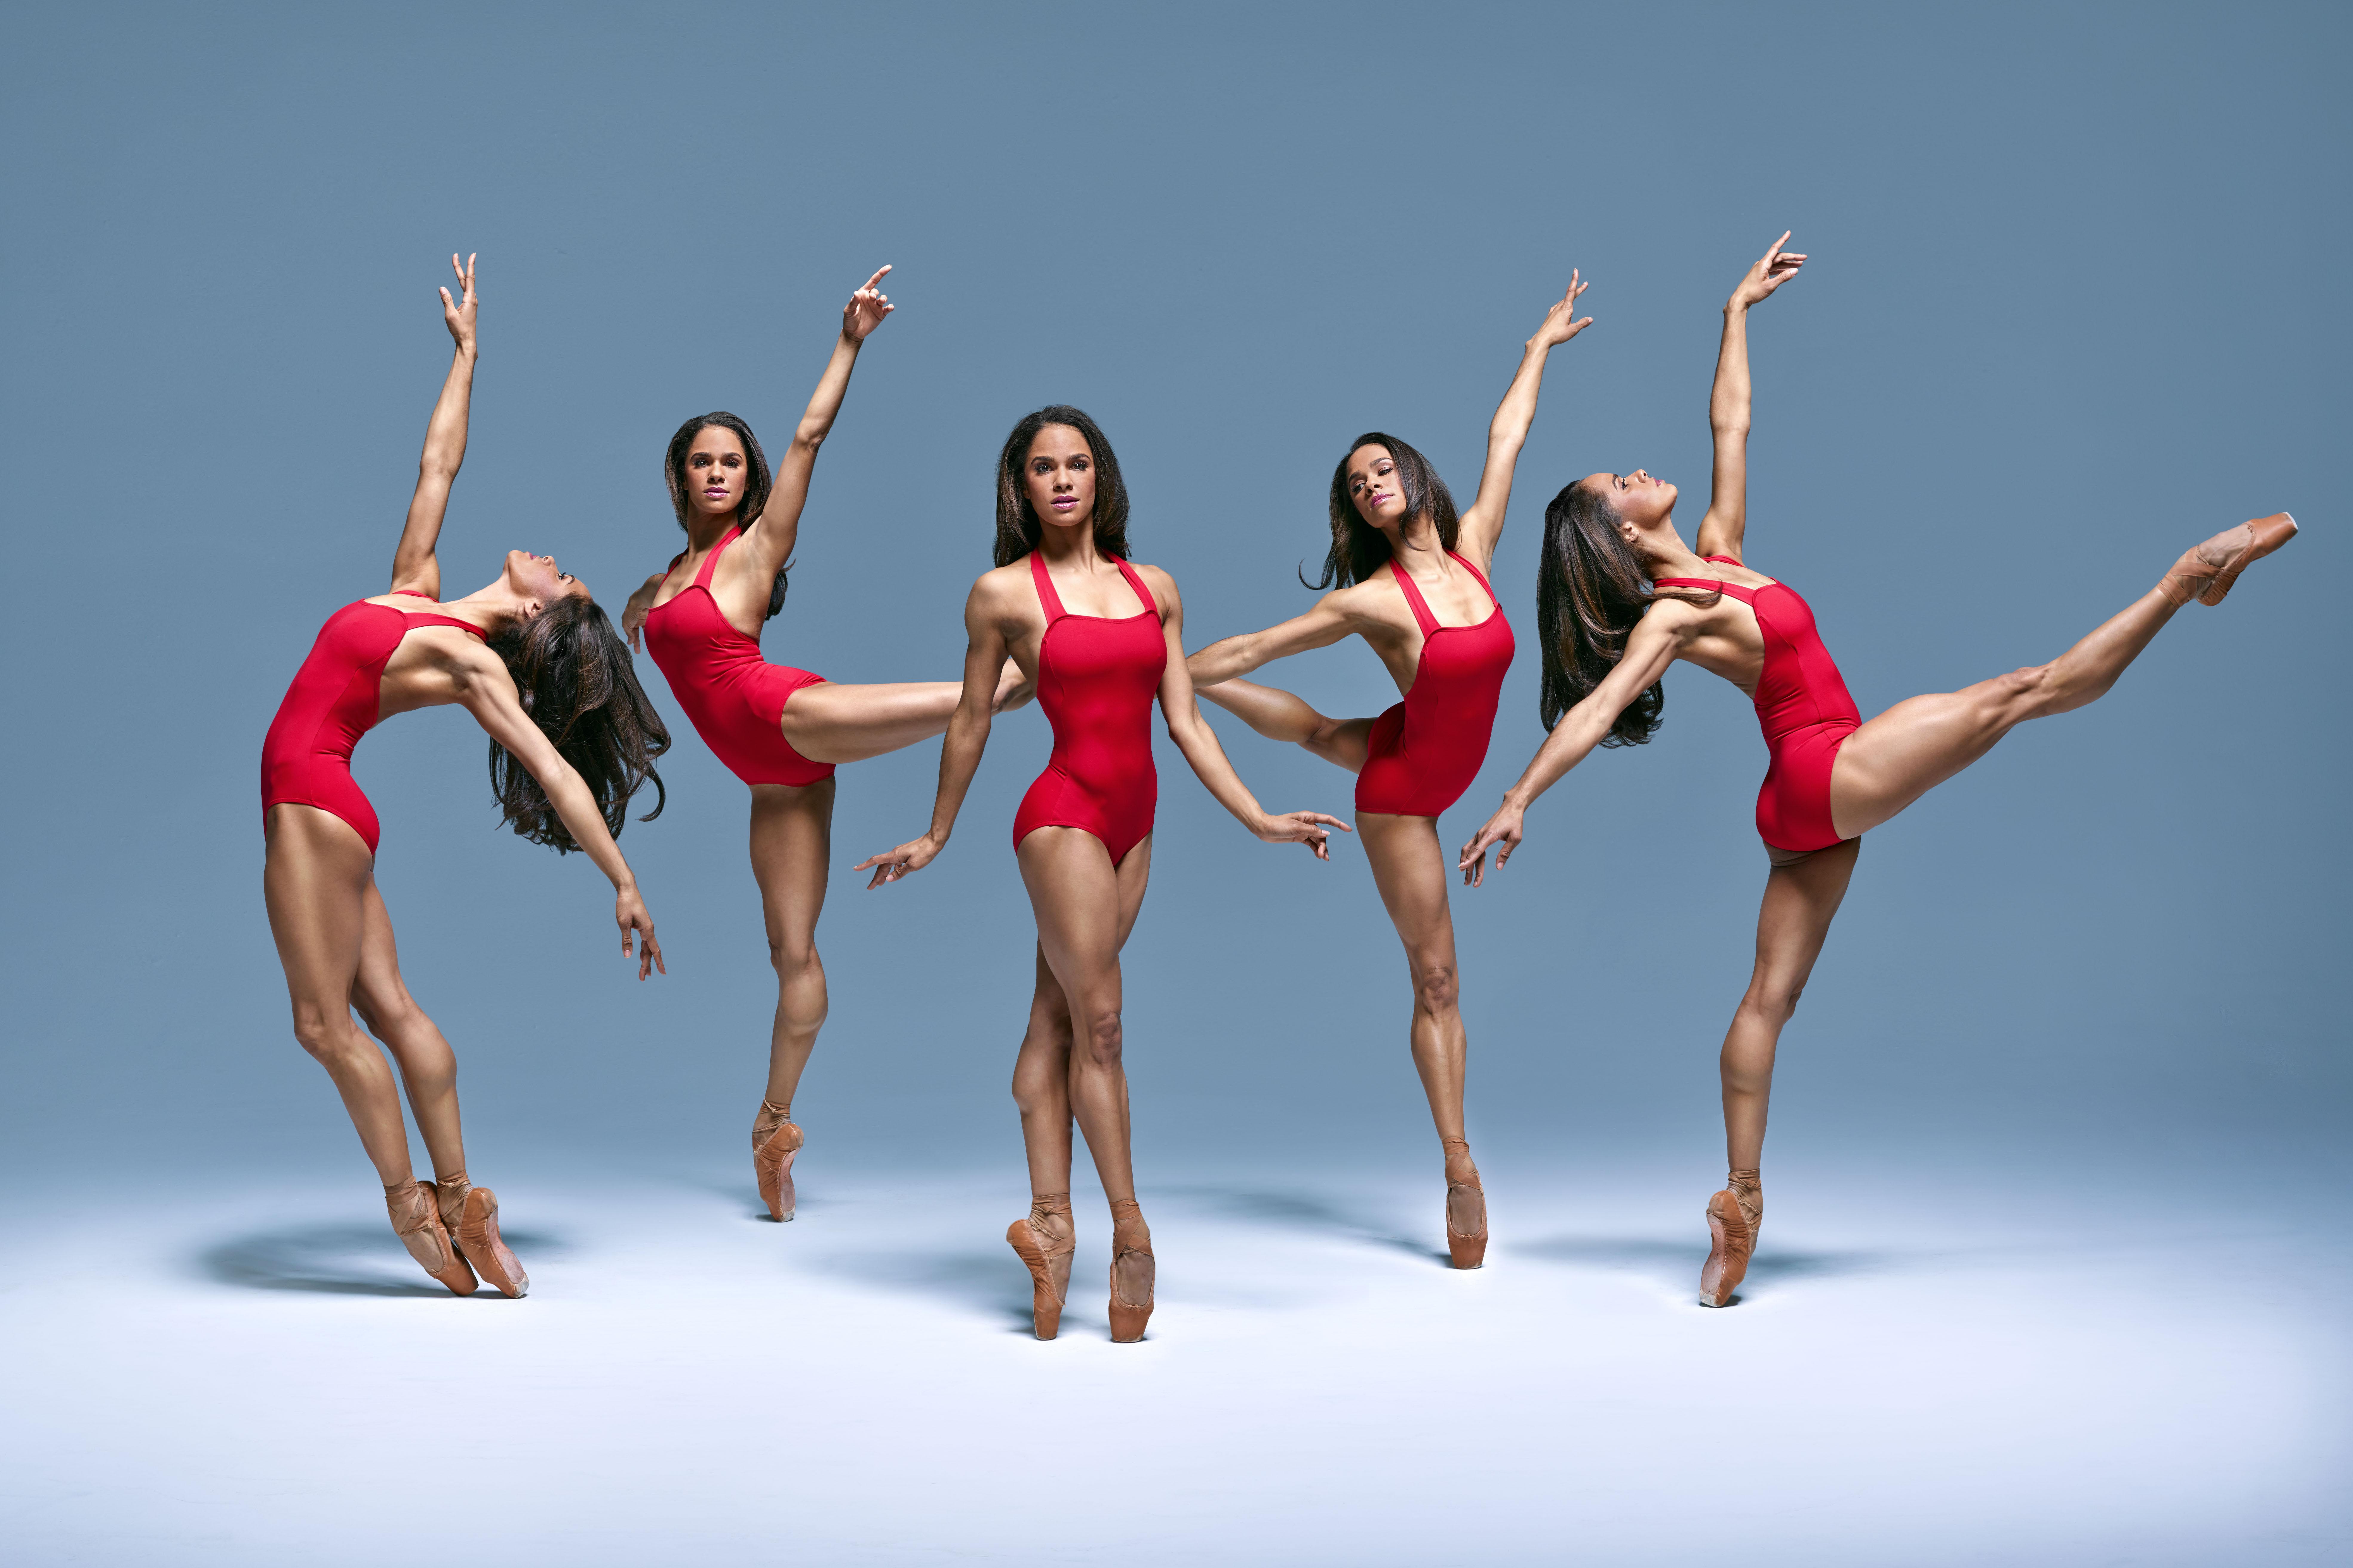 Балерины на тренировках эро фото, секс порно жопа огромные